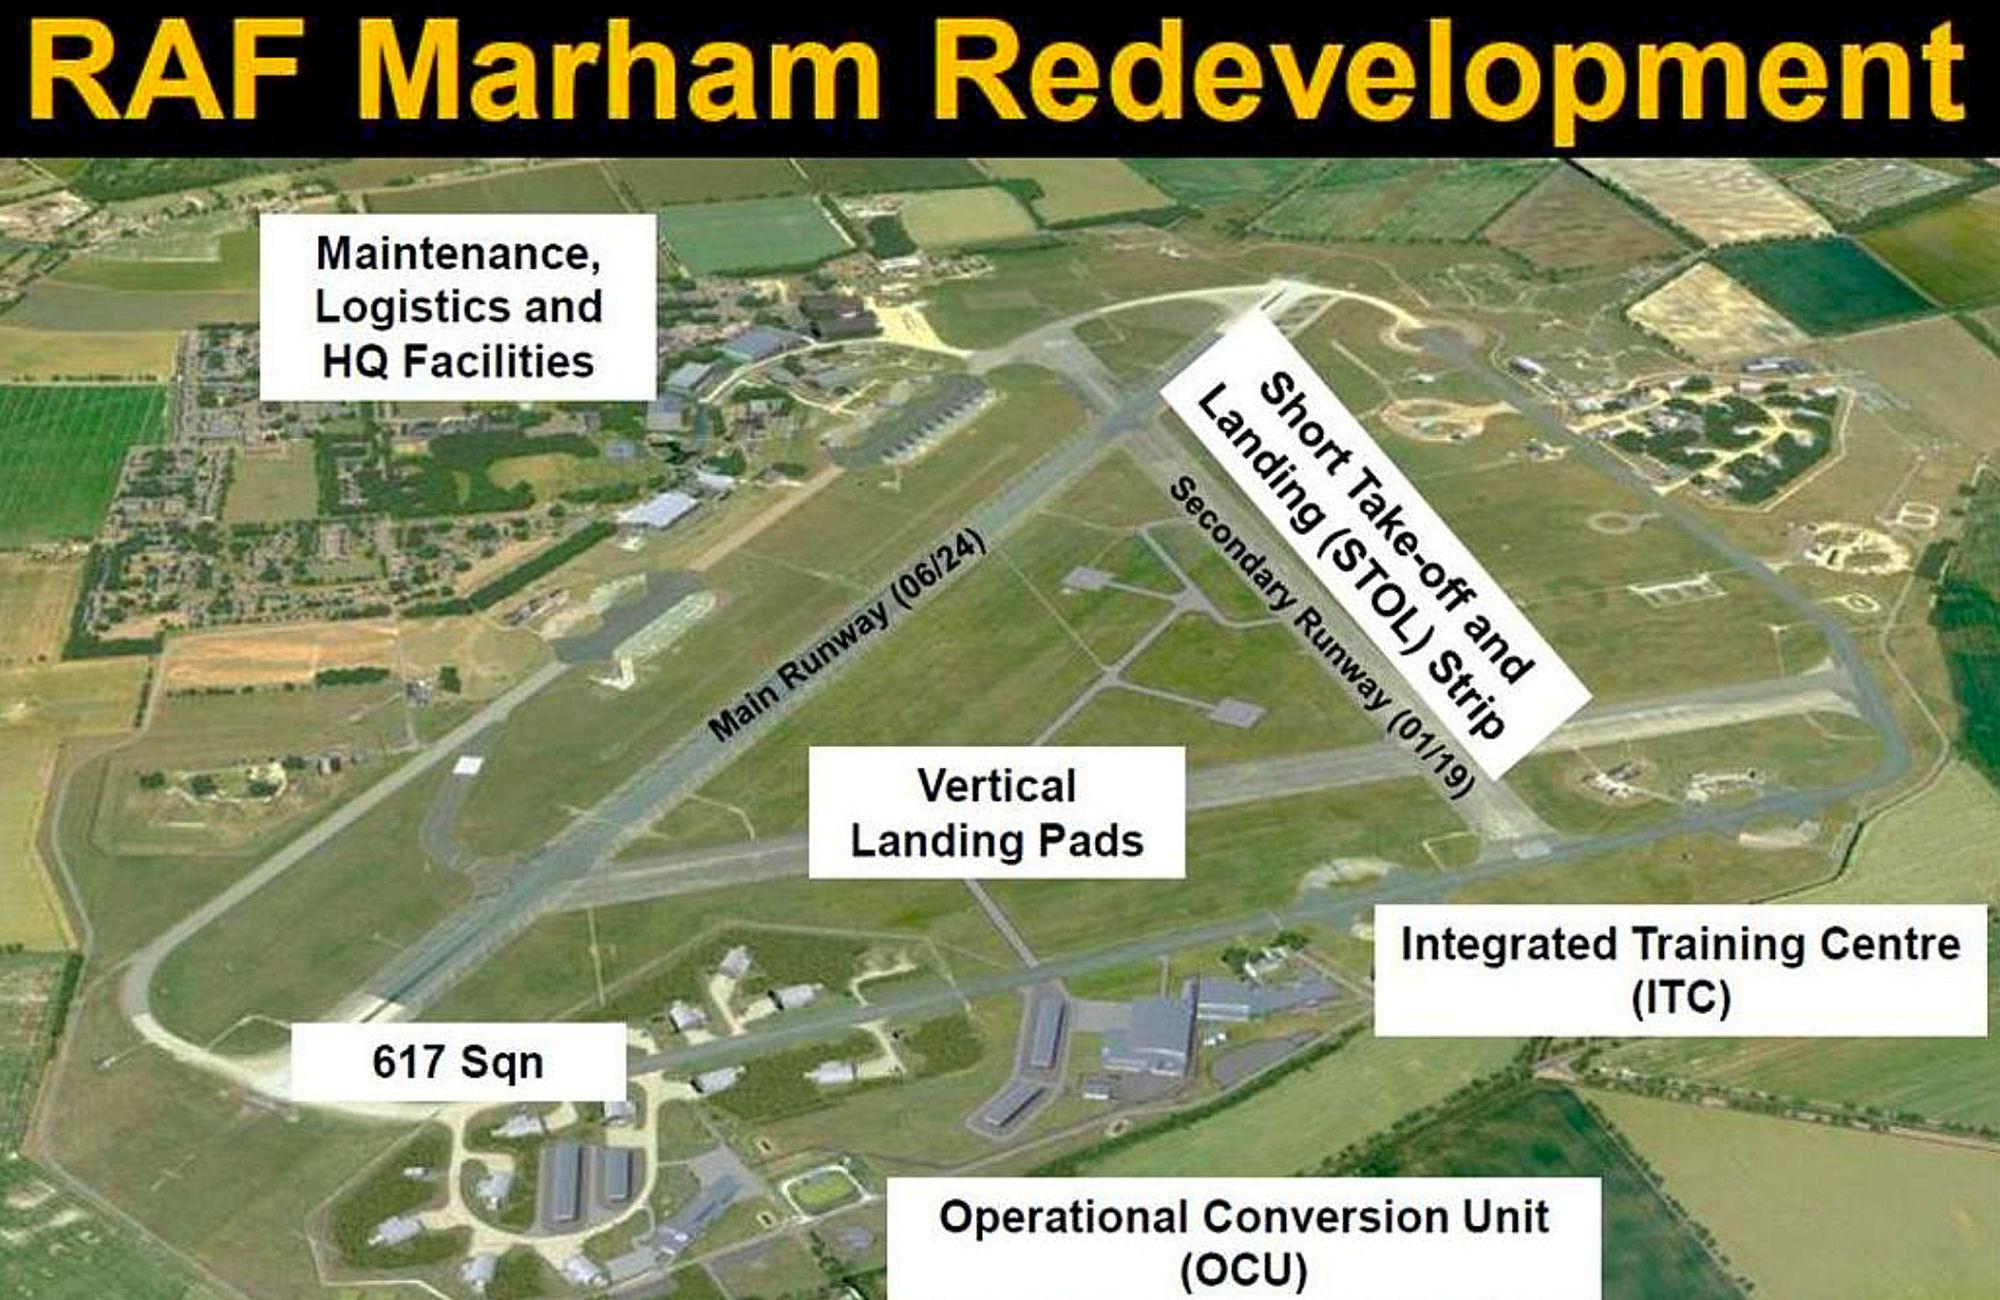 Комплексы наземной инфраструктуры для базирования истребителей Lockheed Martin F-35B Lightning II британских ВВС на британской авиабазе Мархэм.